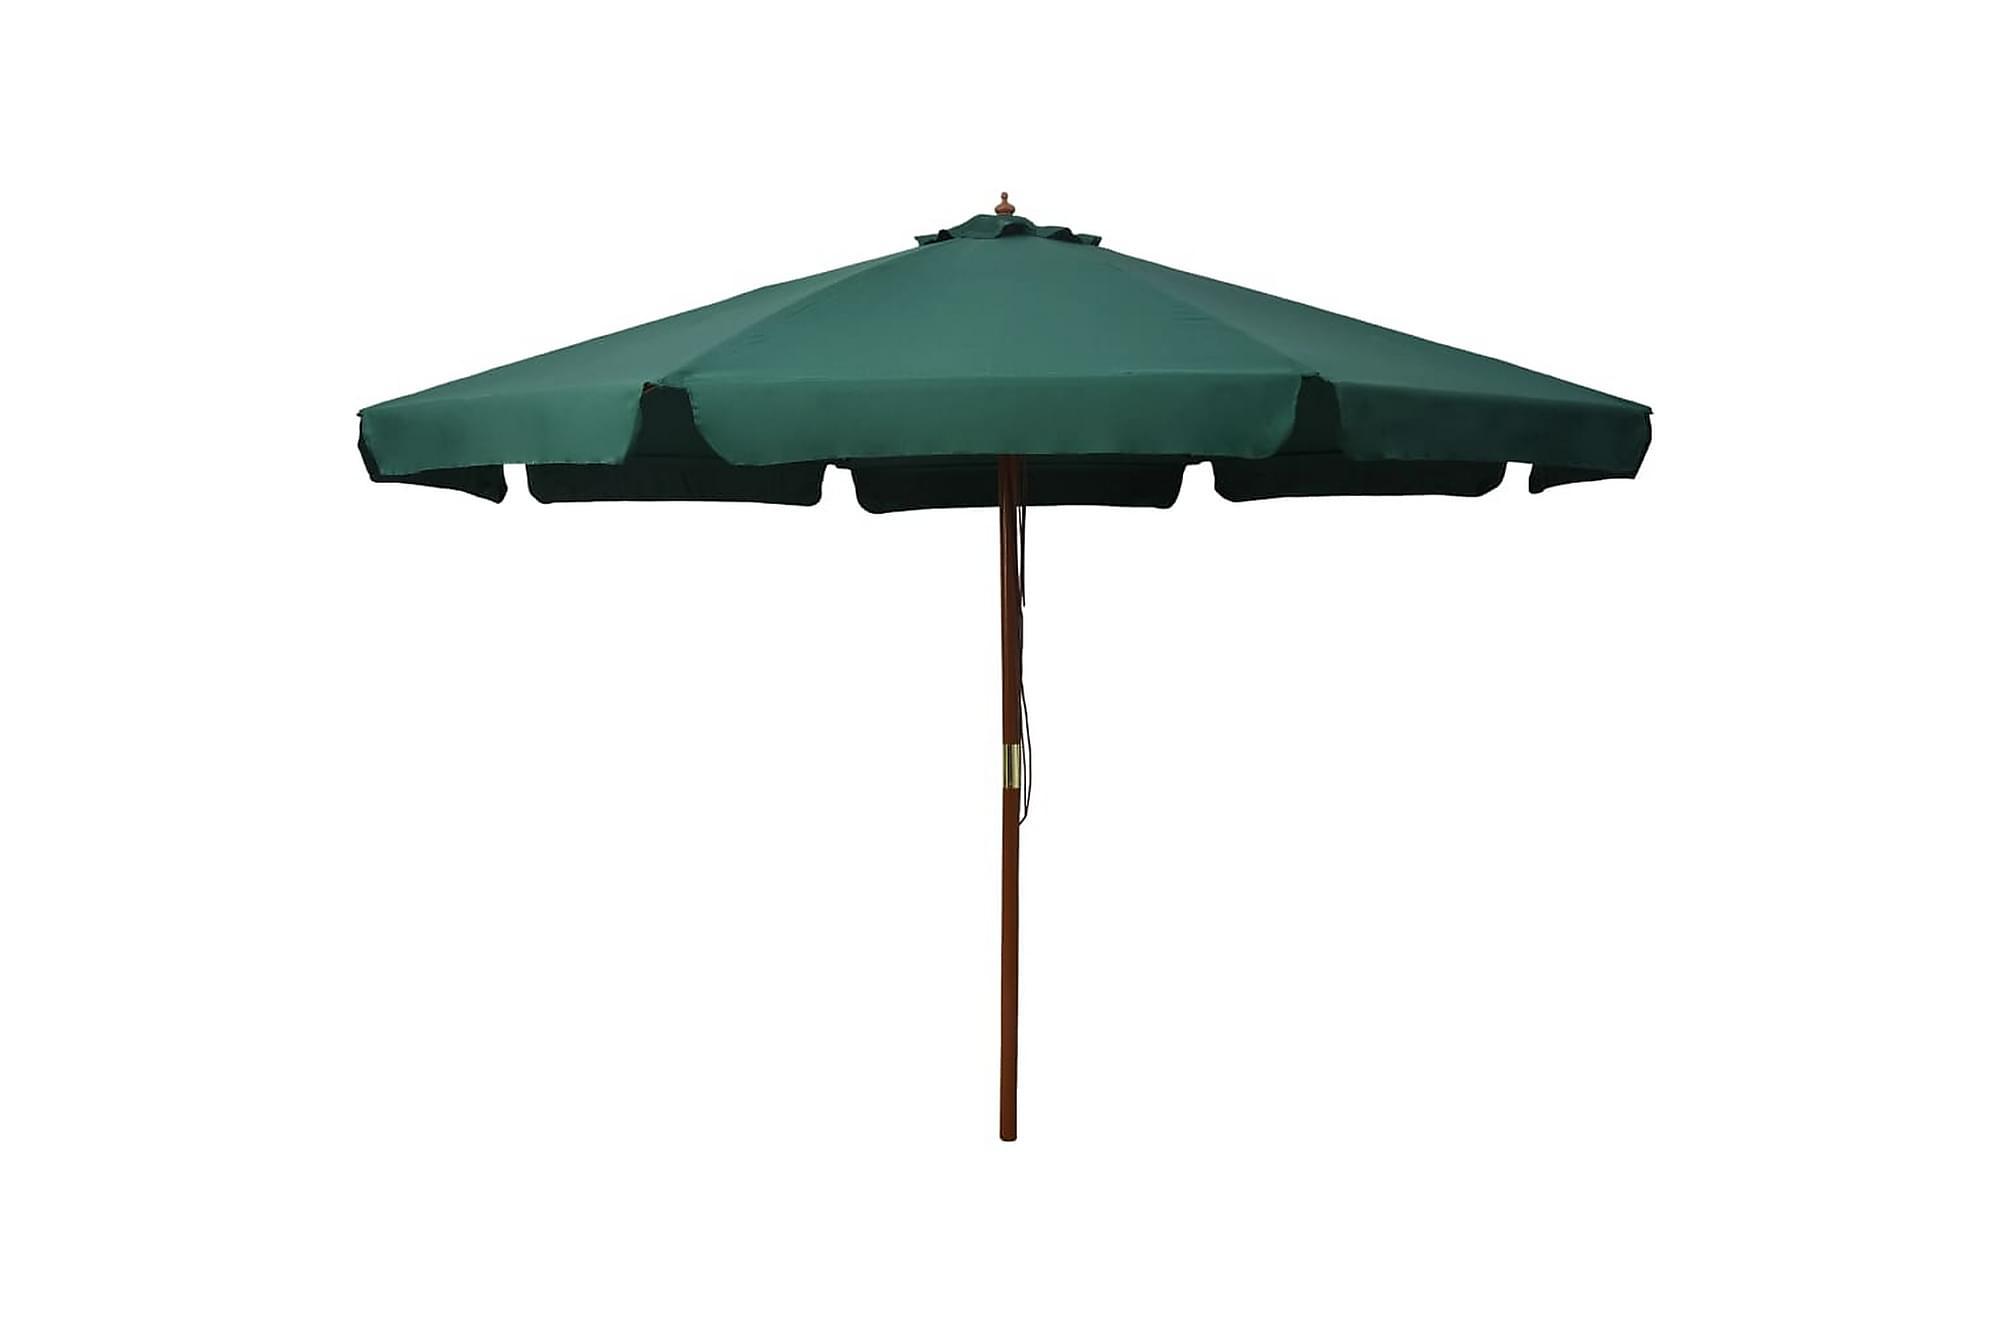 Trädgårdsparasoll med trästång 330 cm grön